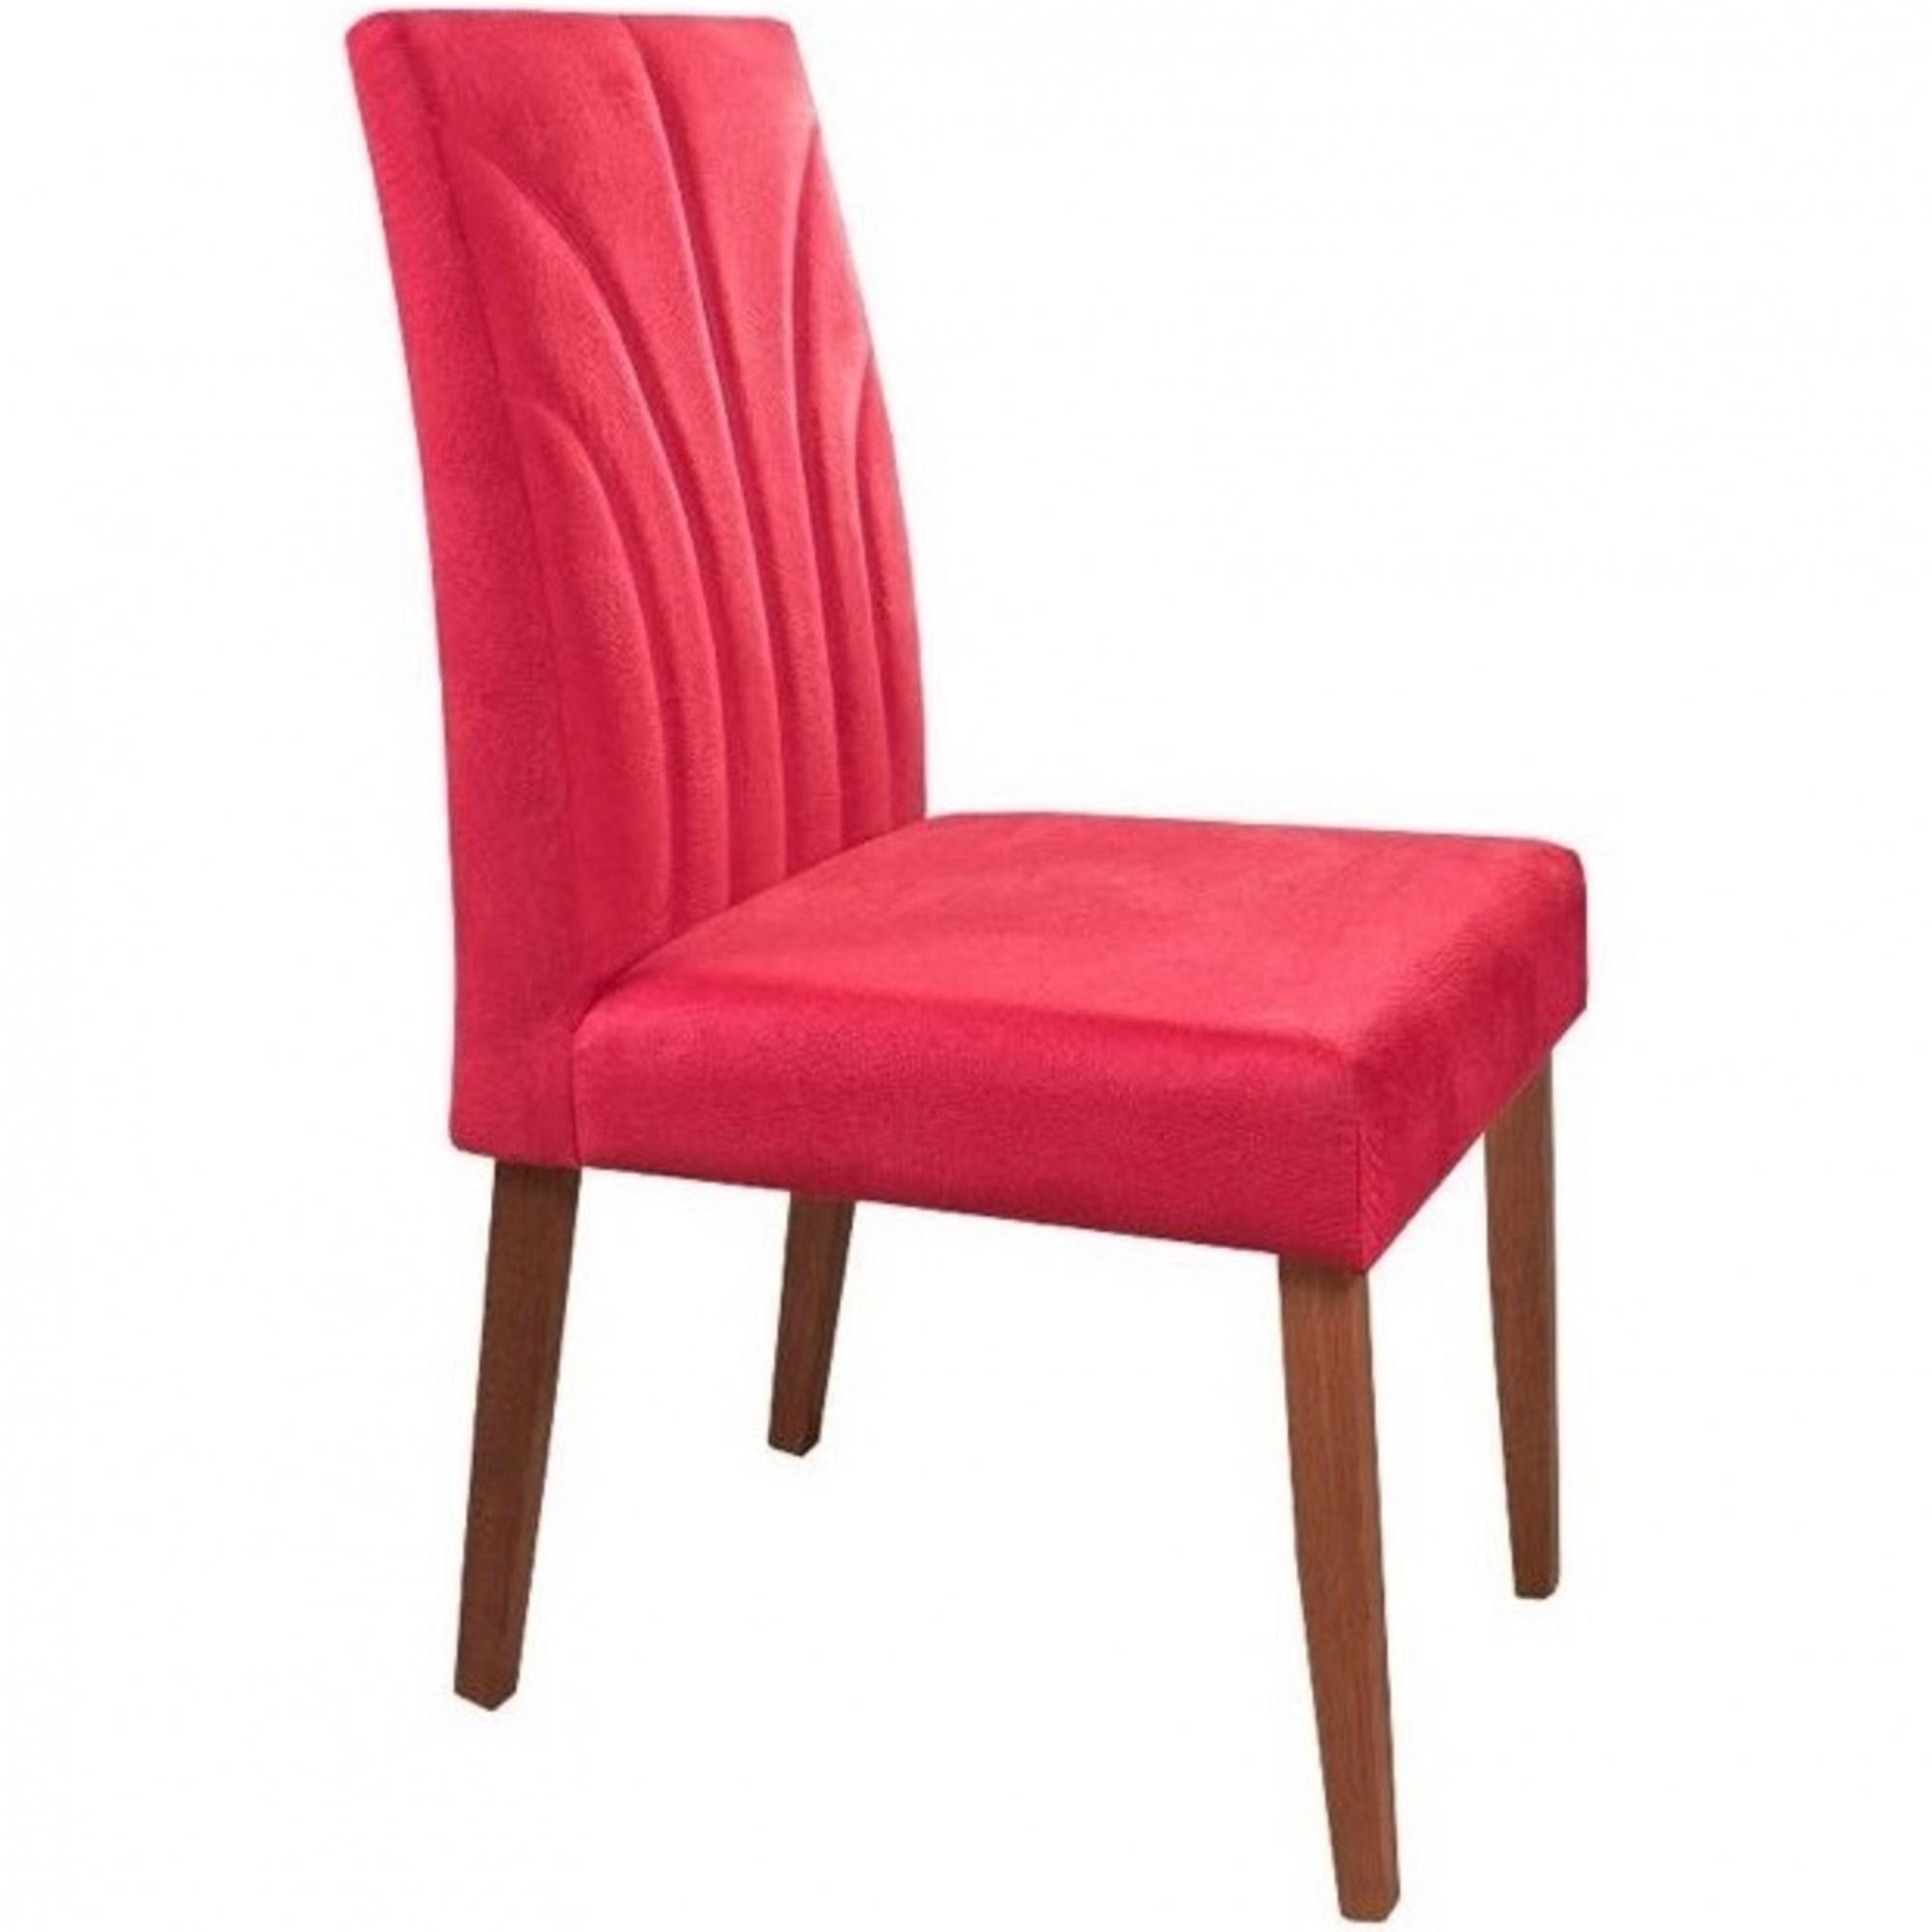 Kit 2 Cadeira Estofada pra Mesa Jantar Pé Madeira Listrada